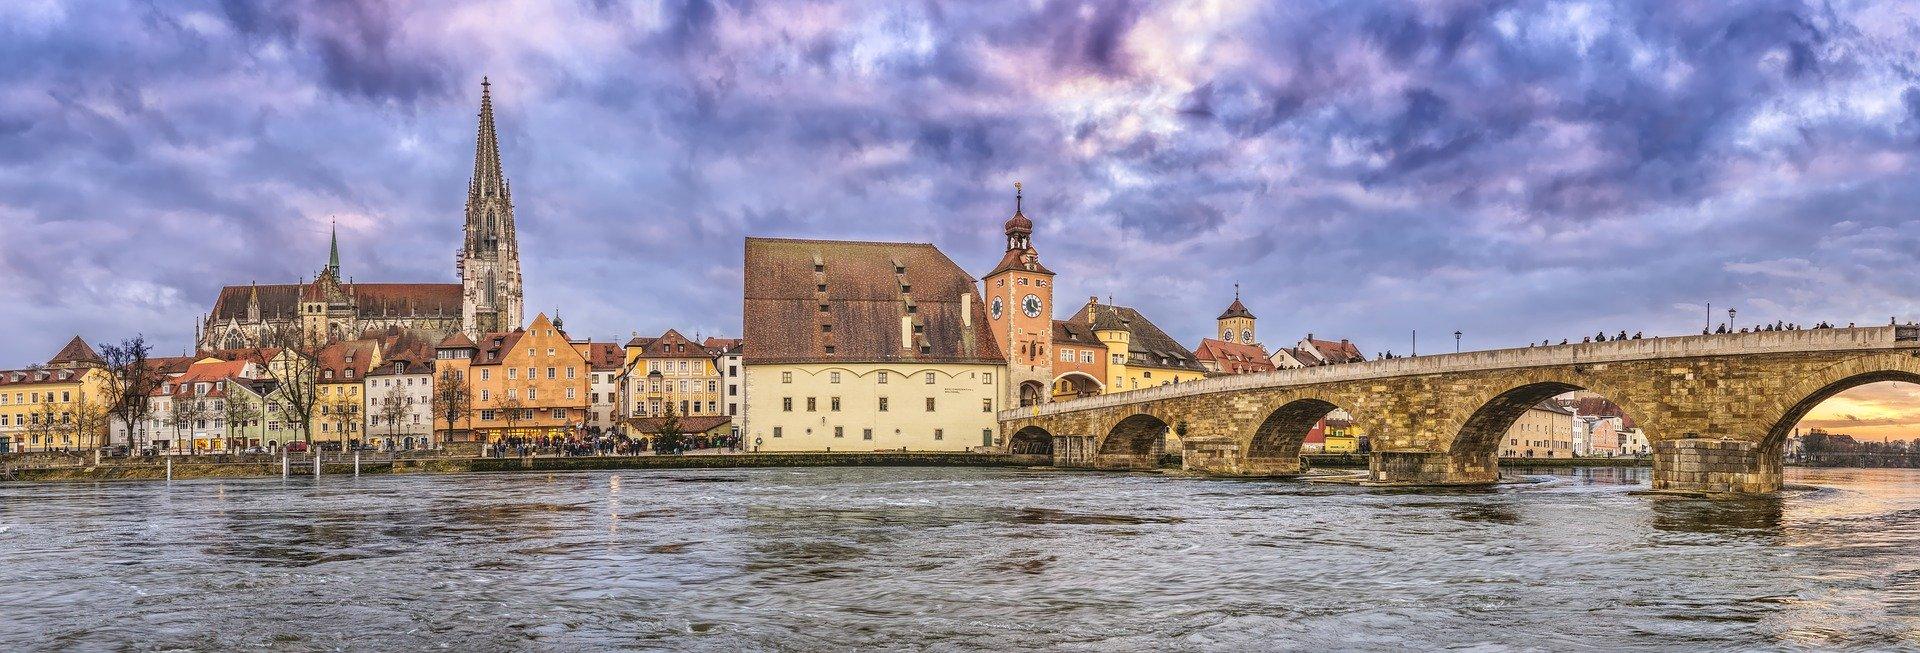 WBS Regensburg